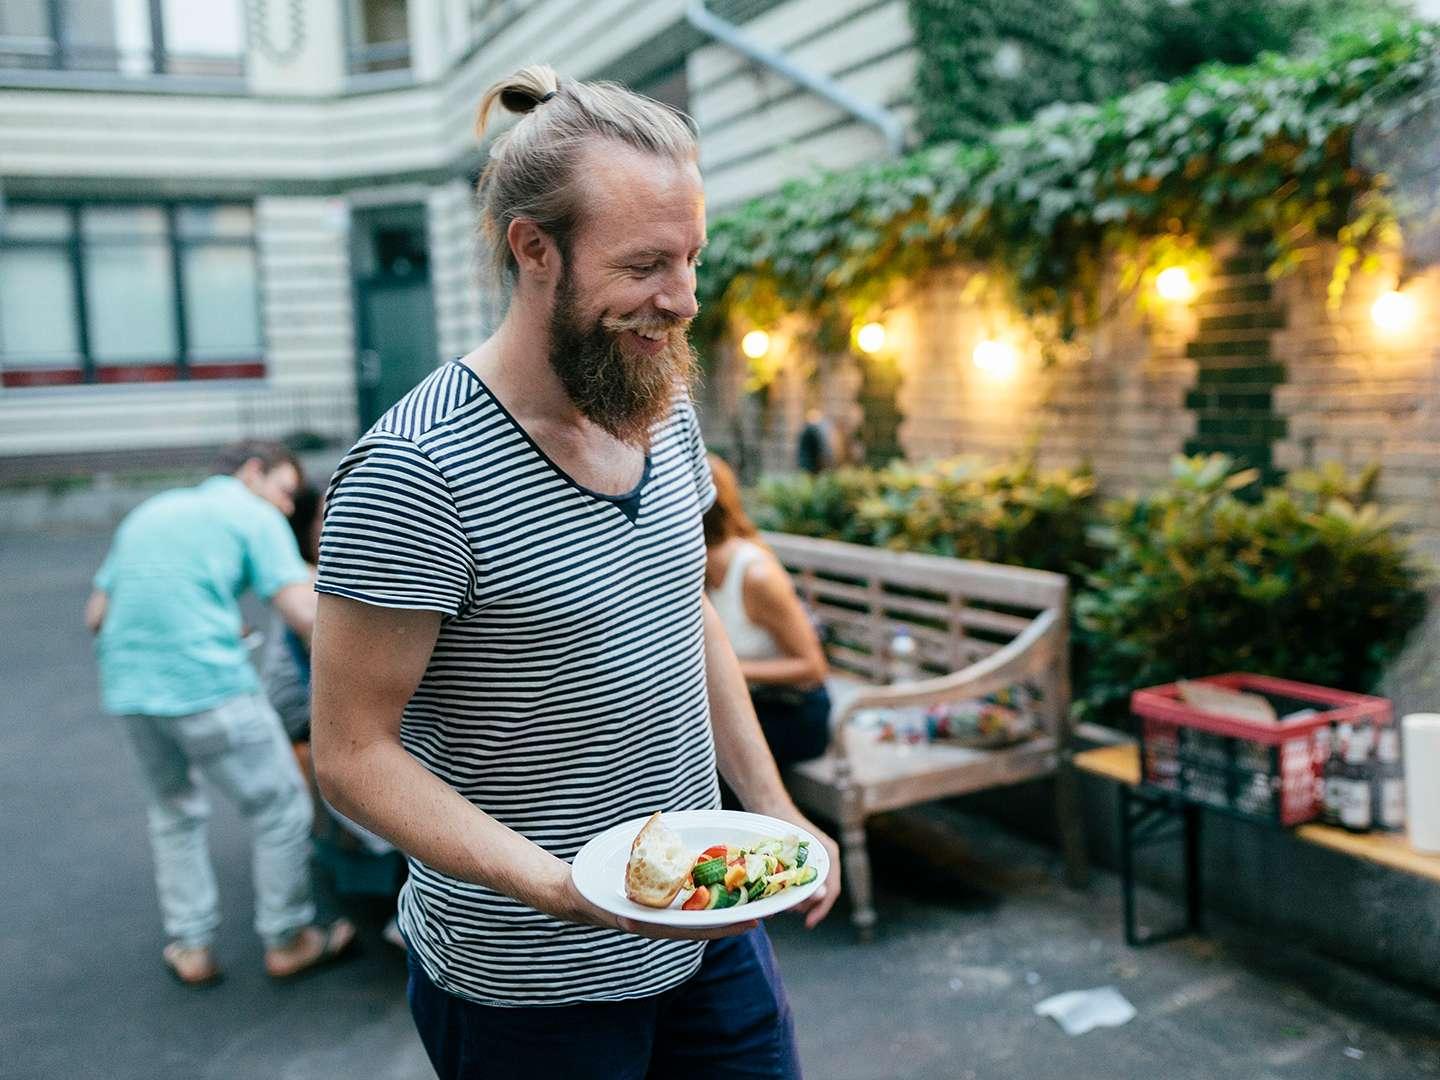 Mann im Innenhof mit Essen